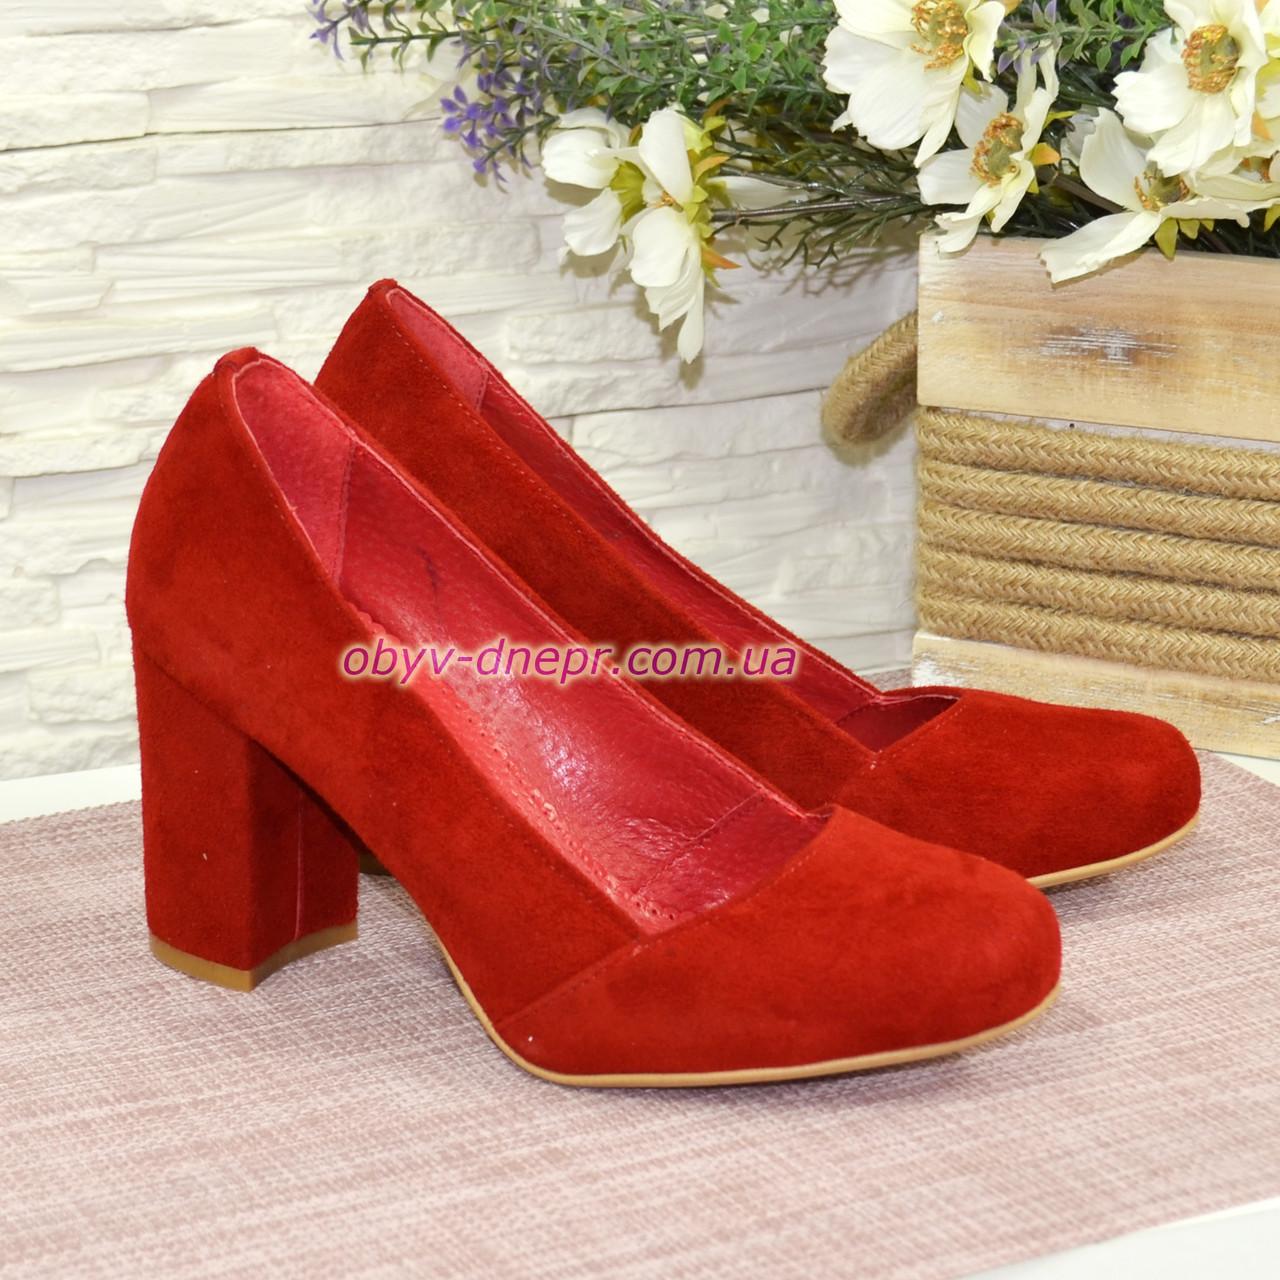 Туфли замшевые на высоком устойчивом каблуке, цвет красный